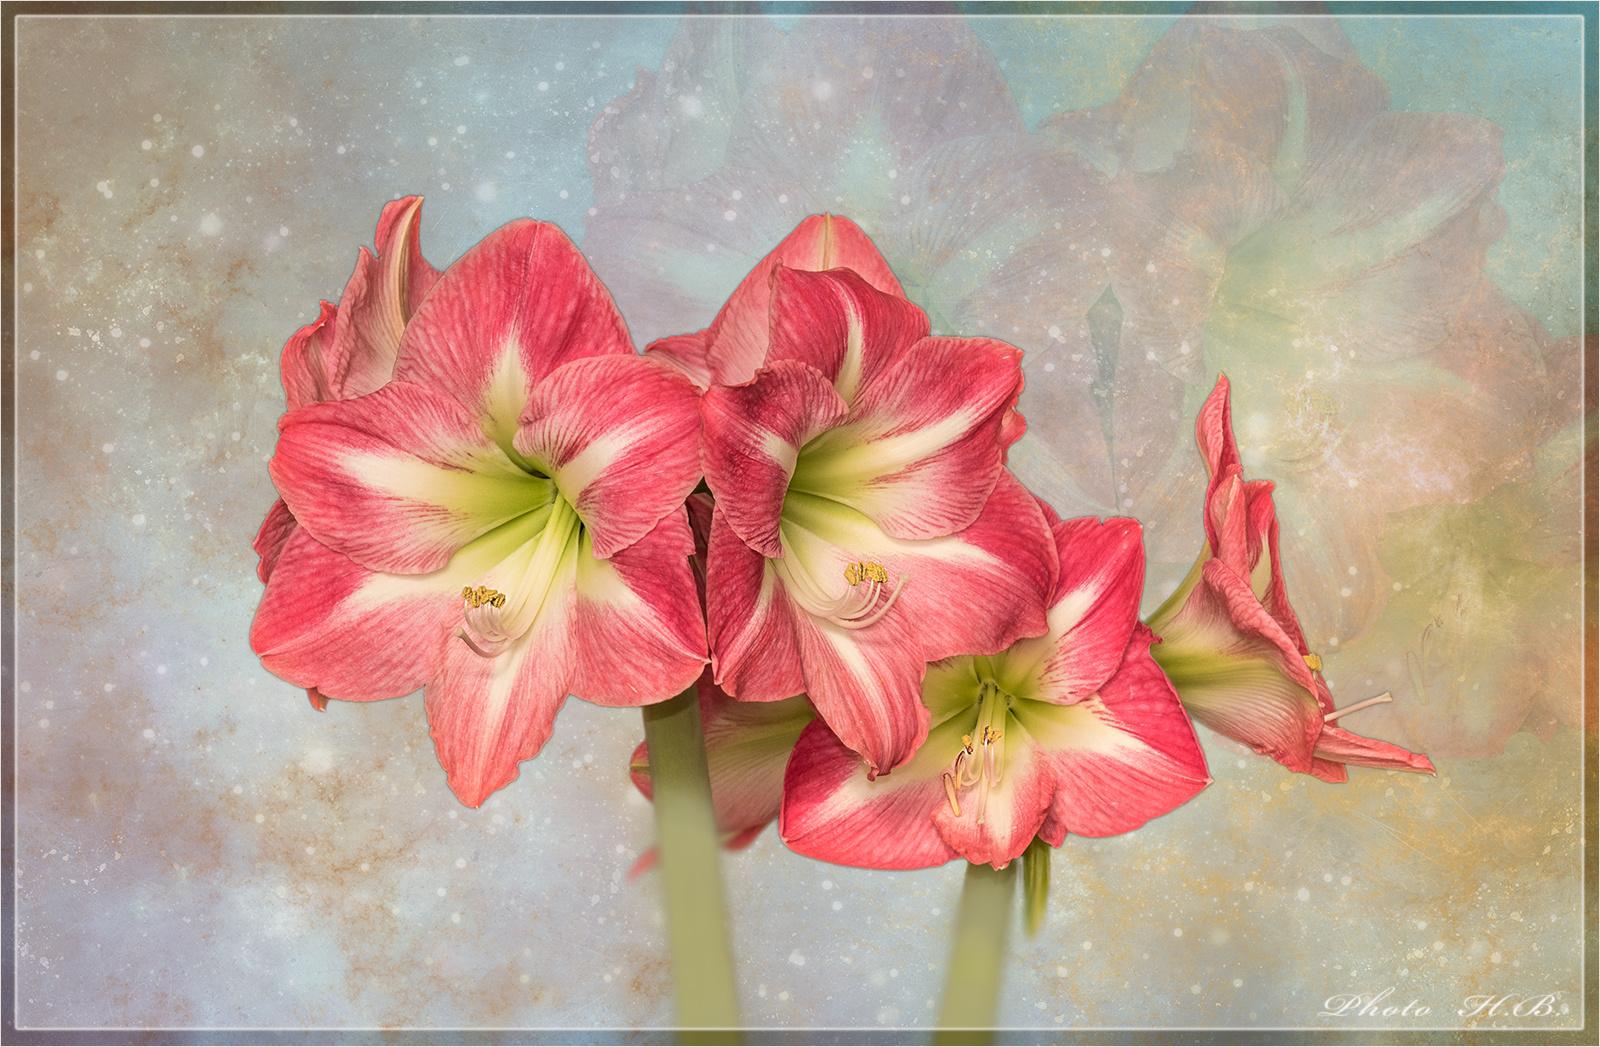 Sie leuchten in der Vorweihnachtszeit -  die Ritterspornblüten